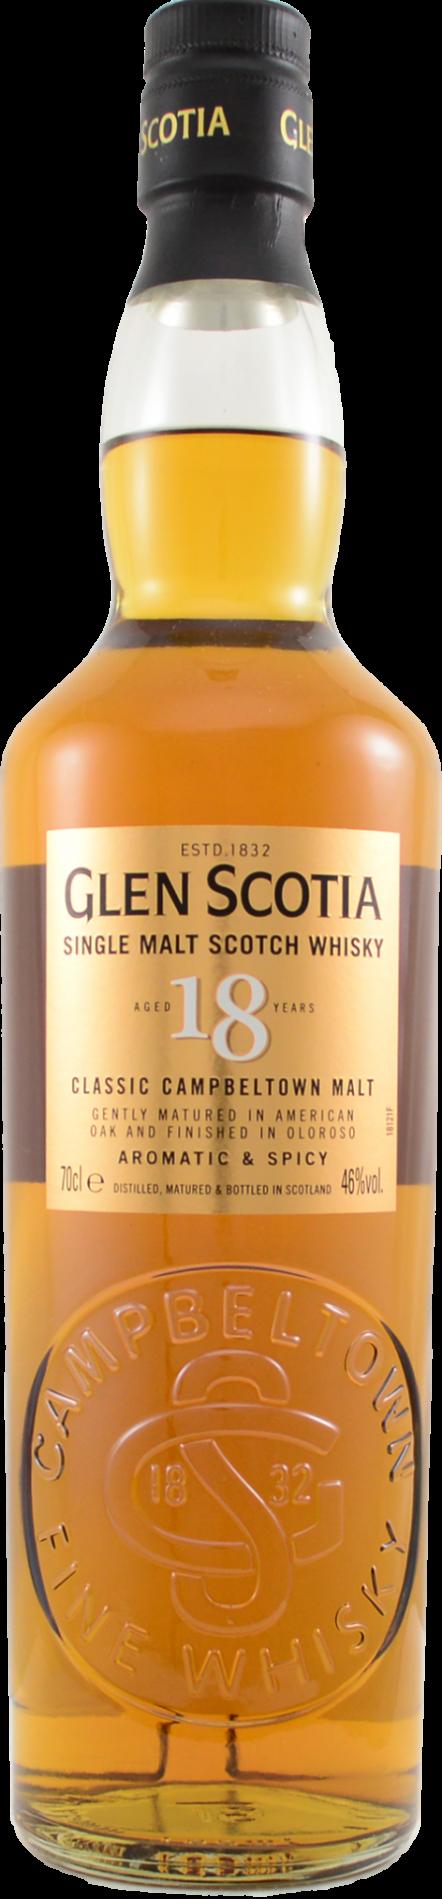 Botella Glen Scotia 18 años